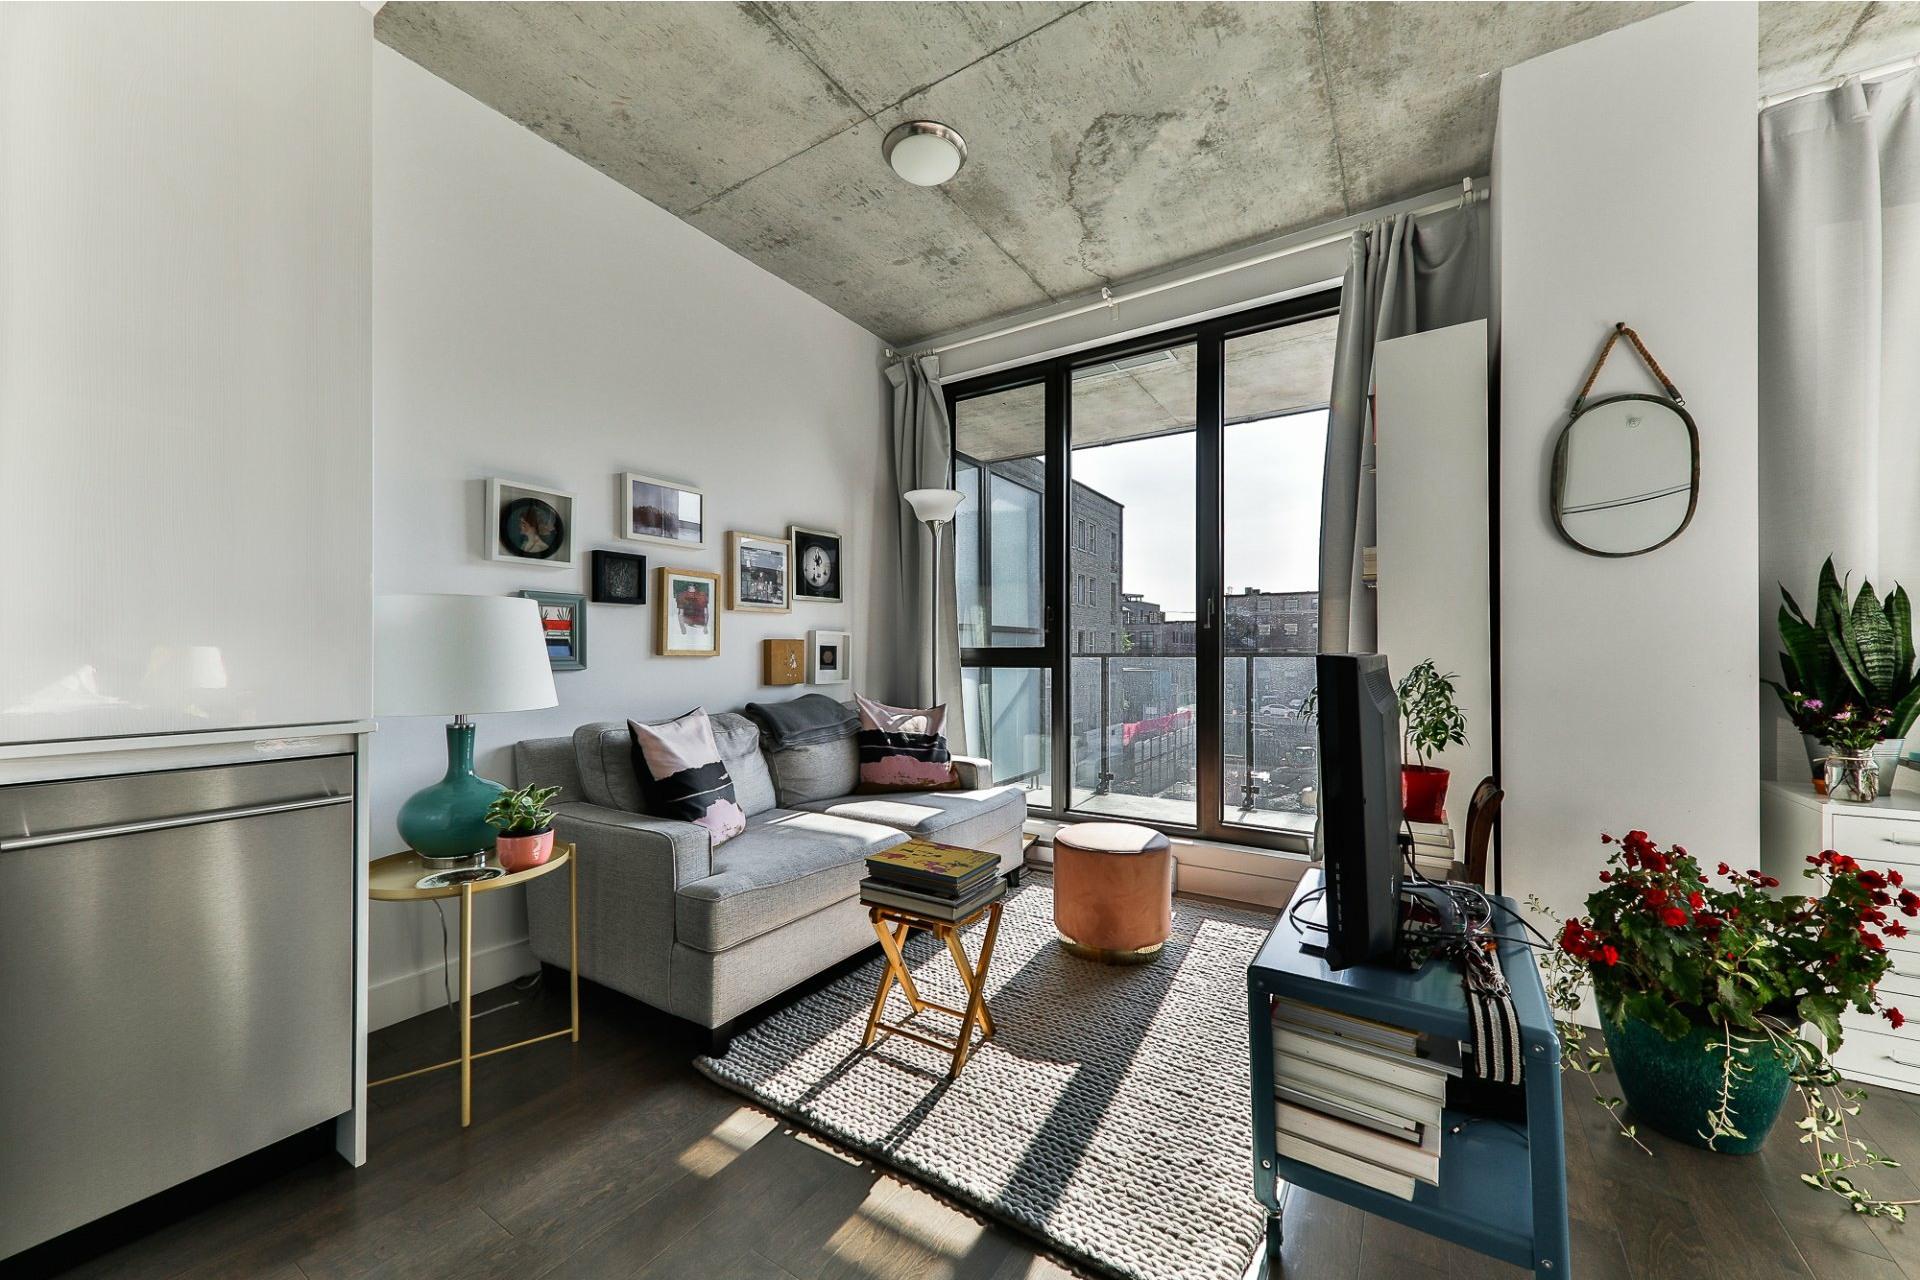 image 5 - Appartement À vendre Villeray/Saint-Michel/Parc-Extension Montréal  - 4 pièces